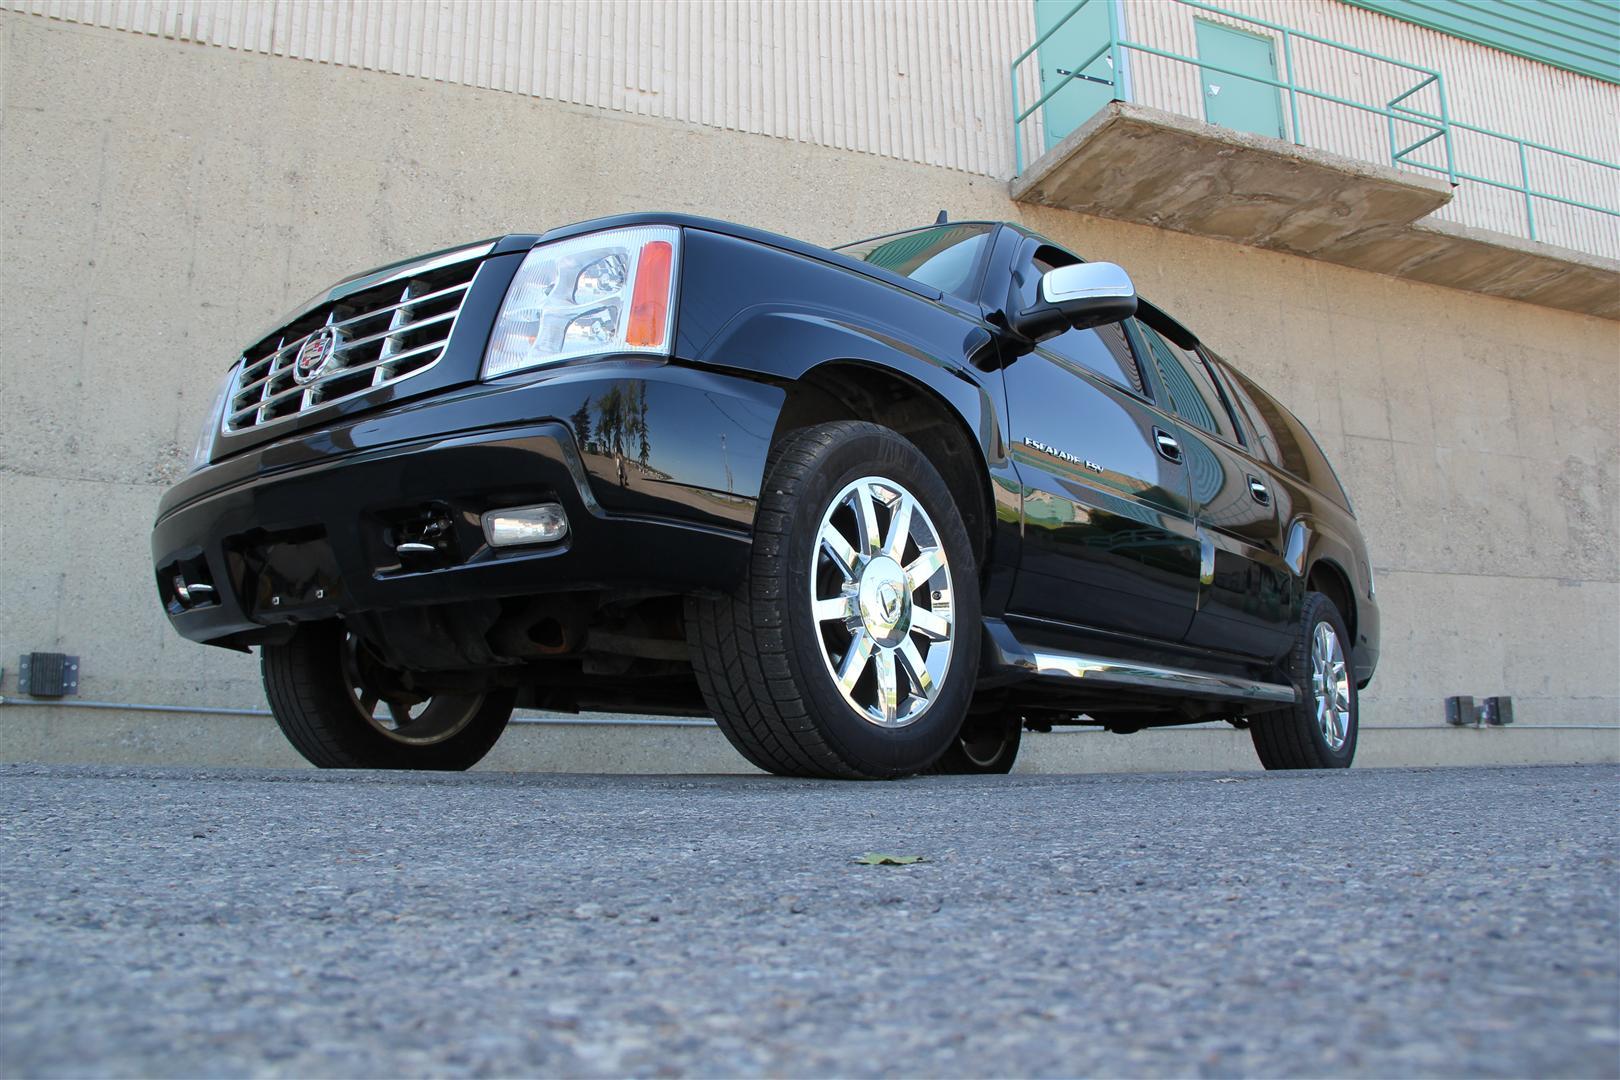 Cadillac 2002 cadillac escalade rims : Tuning Cadillac Escalade SUV 2002 online, accessories and spare ...